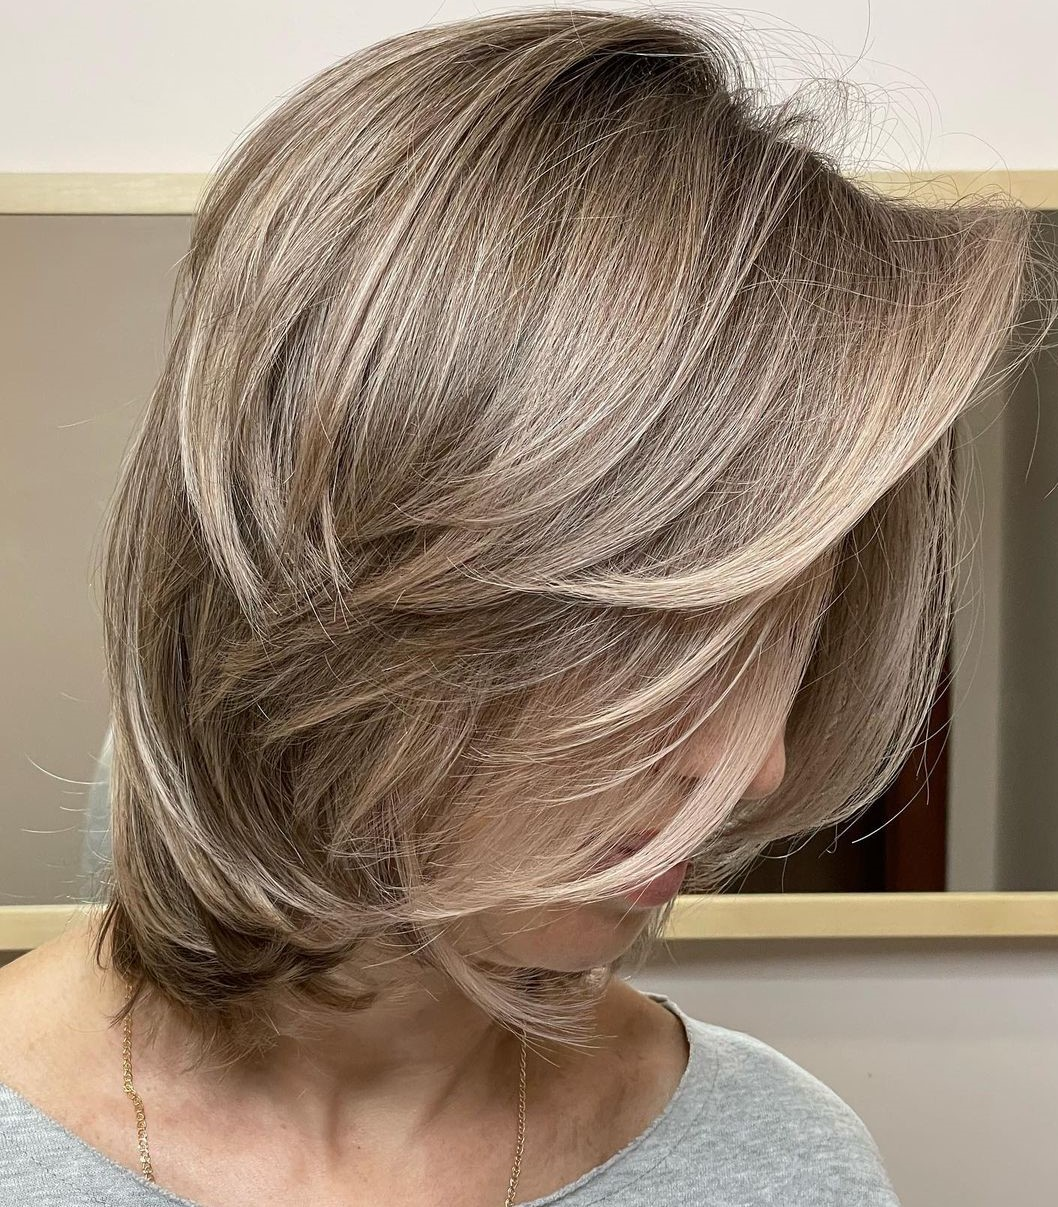 Medium Dynamic Haircut for Women